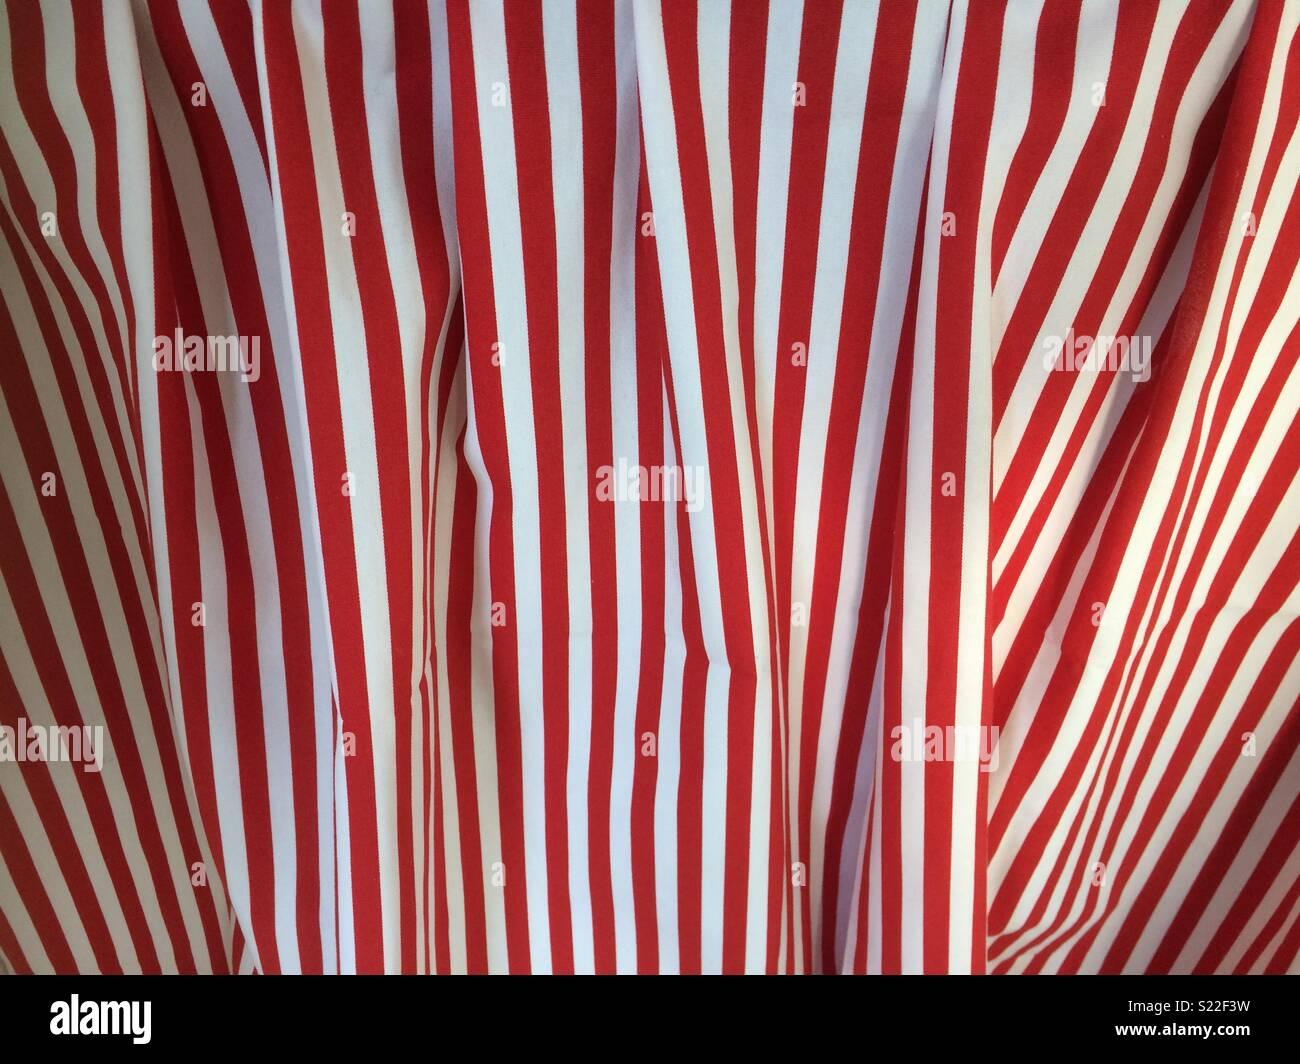 Tela a rayas rojas y blancas Imagen De Stock